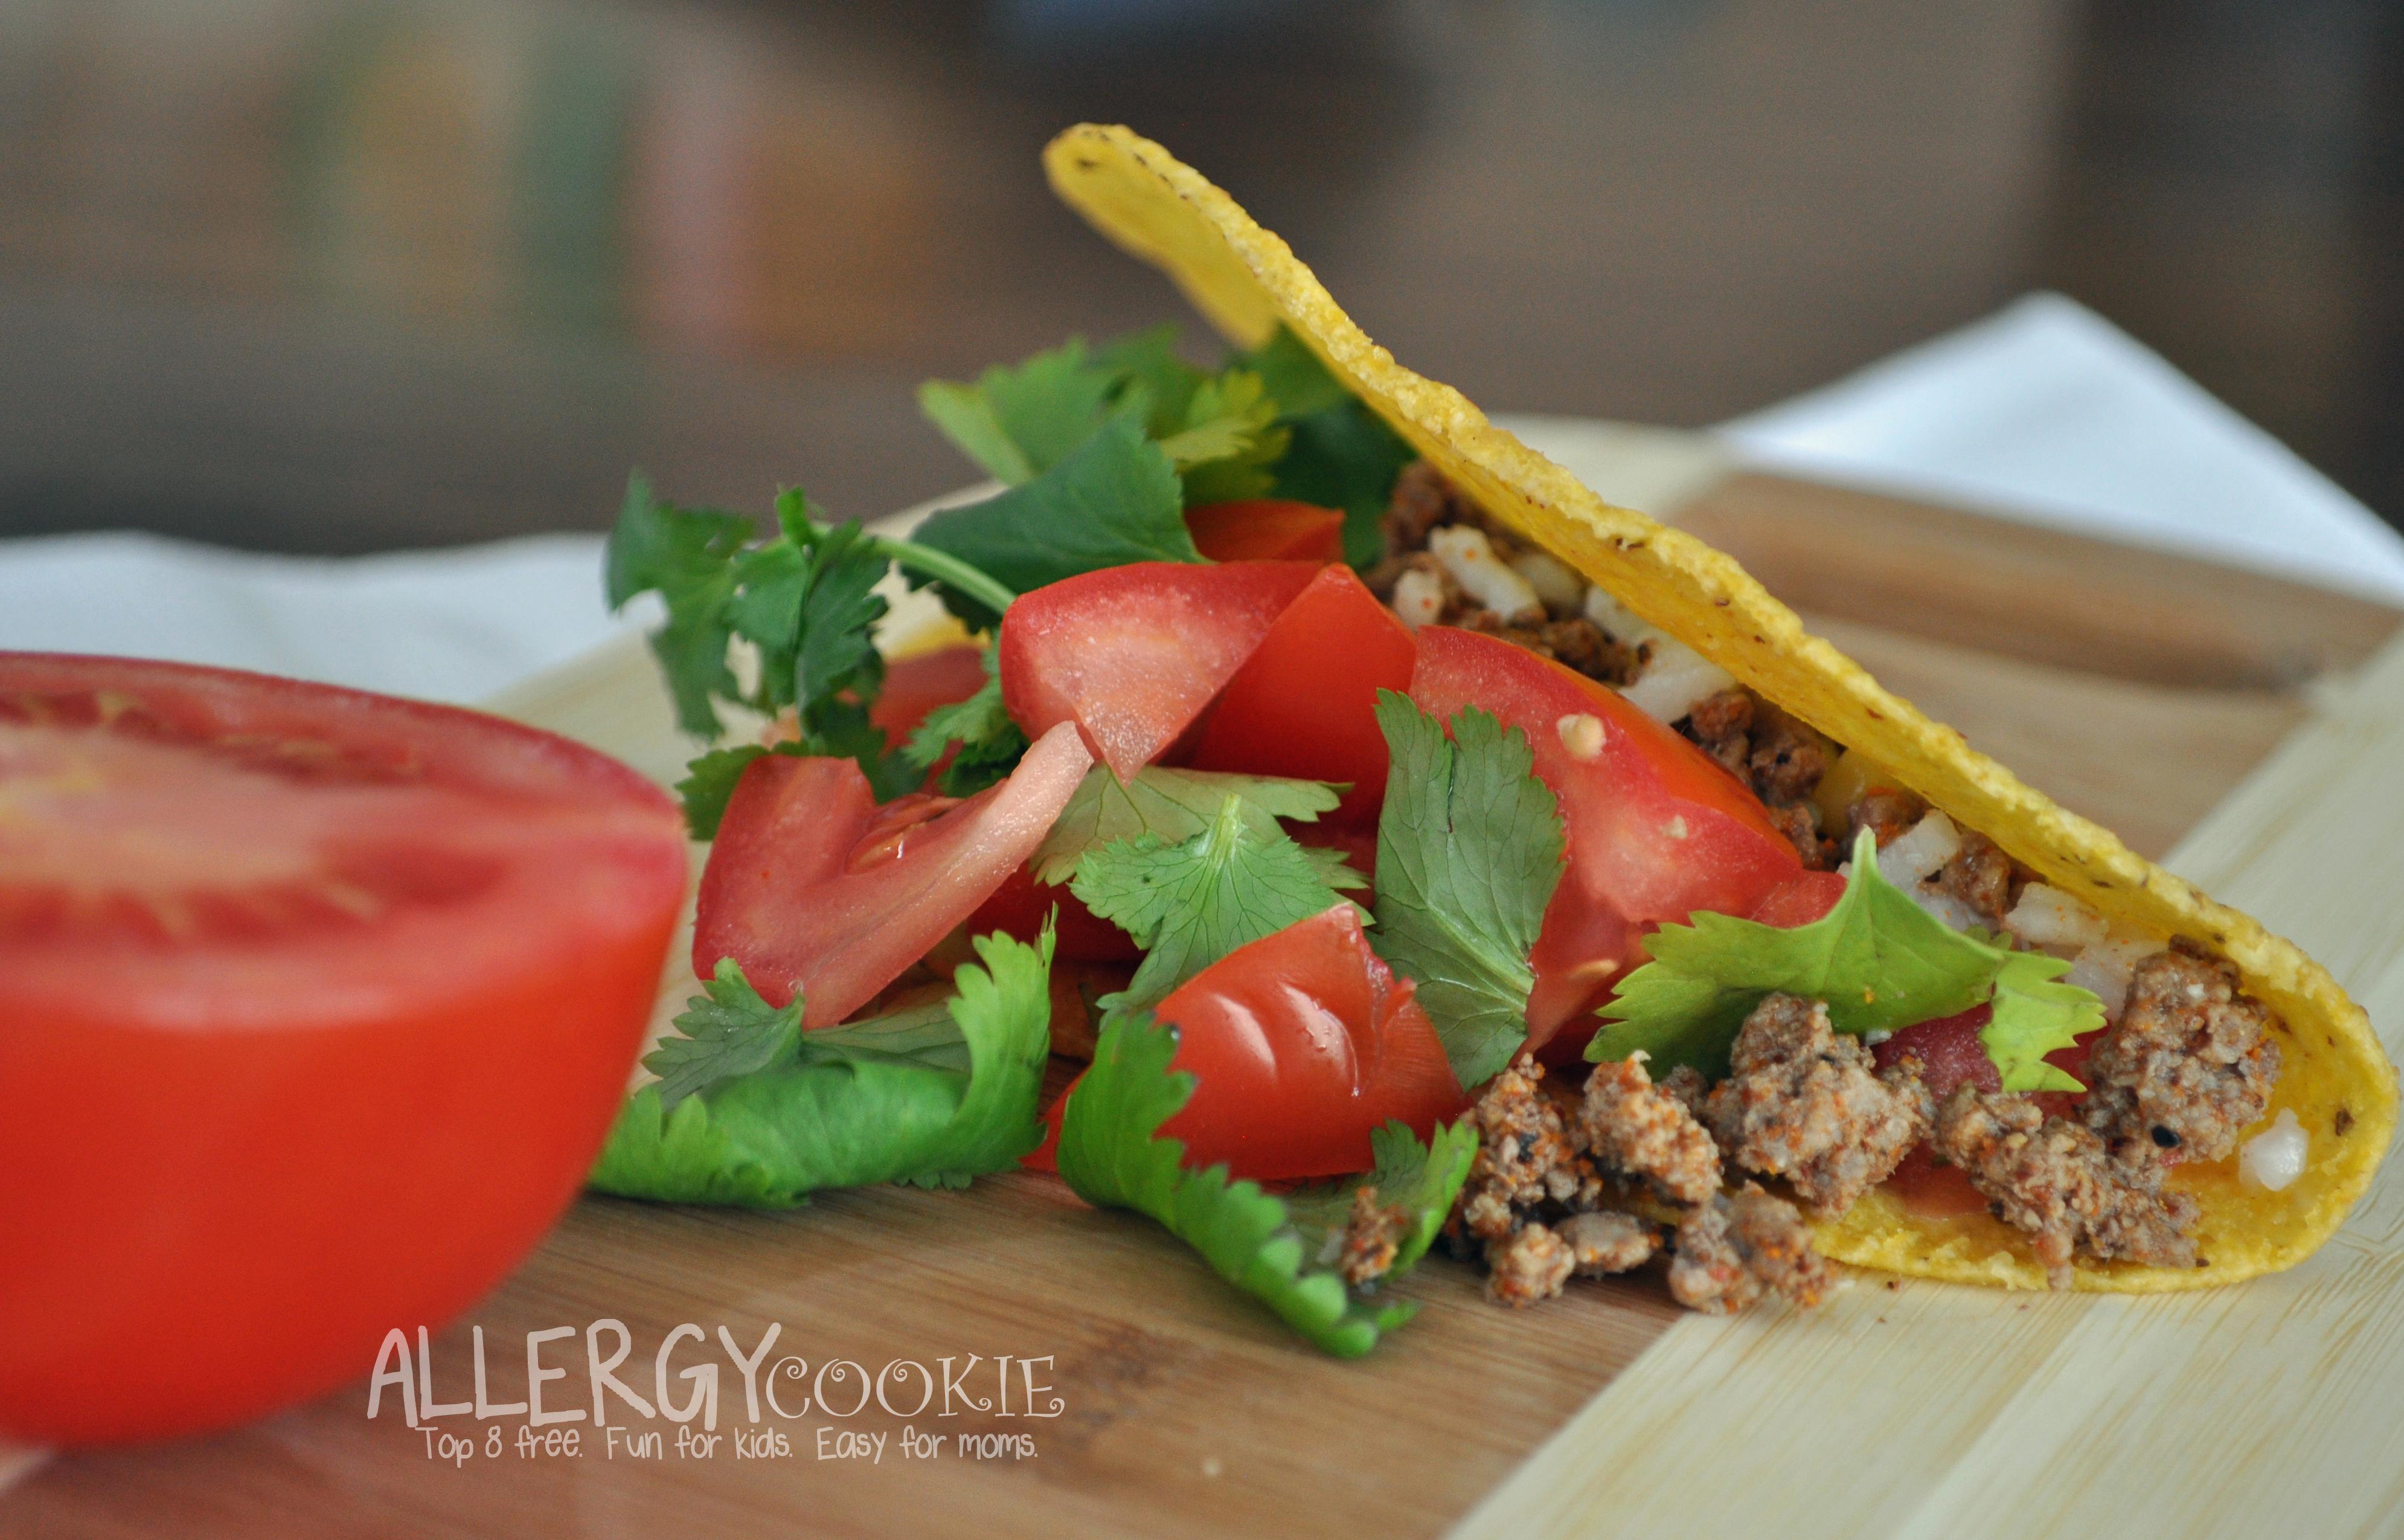 Taco Seasoning Recipe (top 8 free, gluten free, vegan)